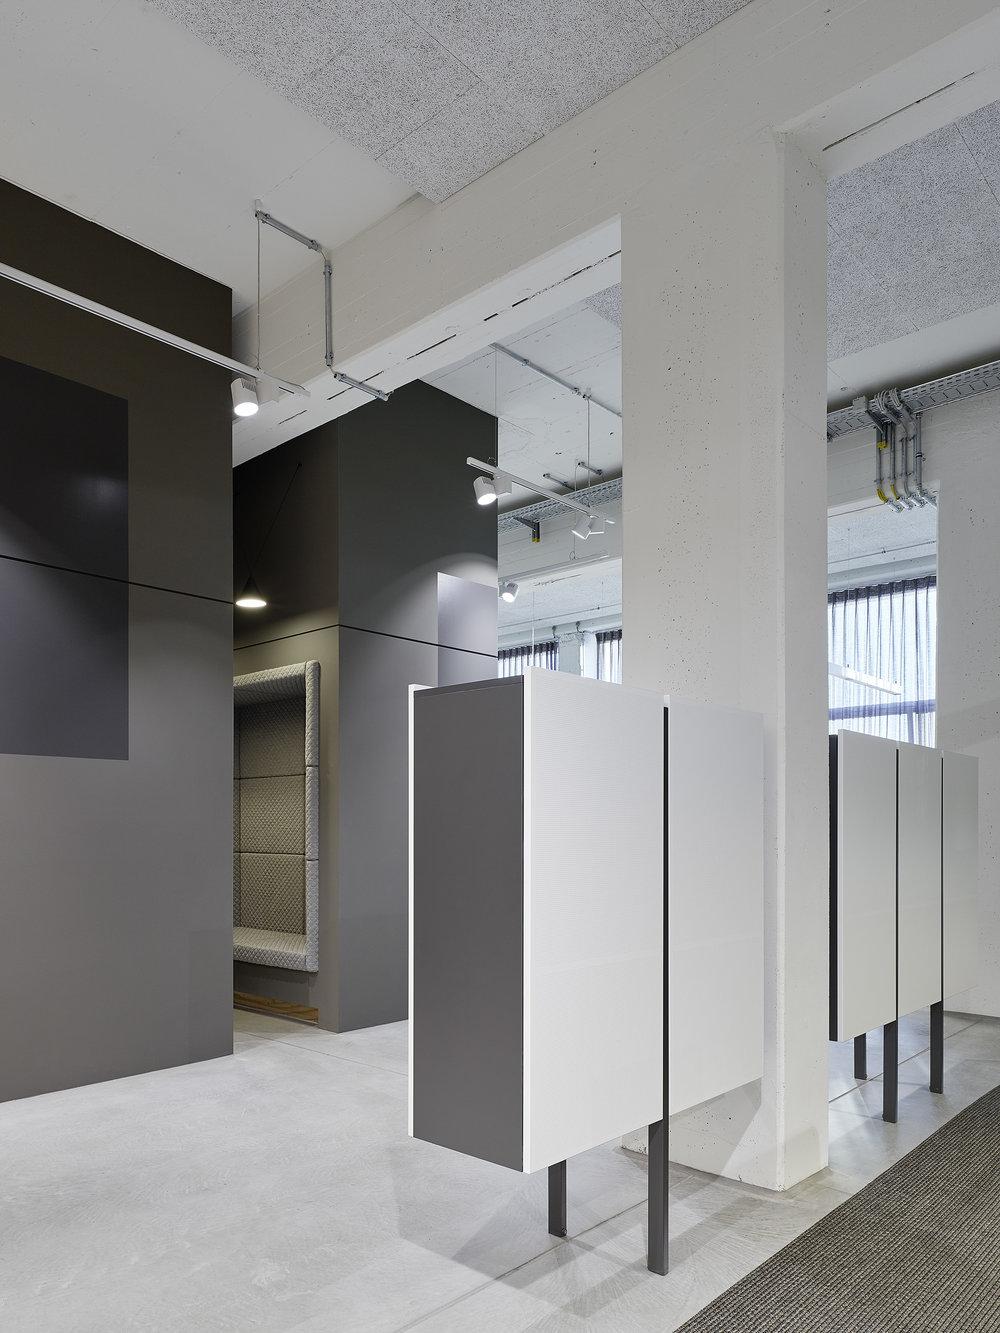 Innenarchitektur Stuttgart - Büro, Office, Alkoven, alcove,interior architecture, bwlive, Arbeitswelt, Nachhaltigkeit,Studio Alexander Fehre